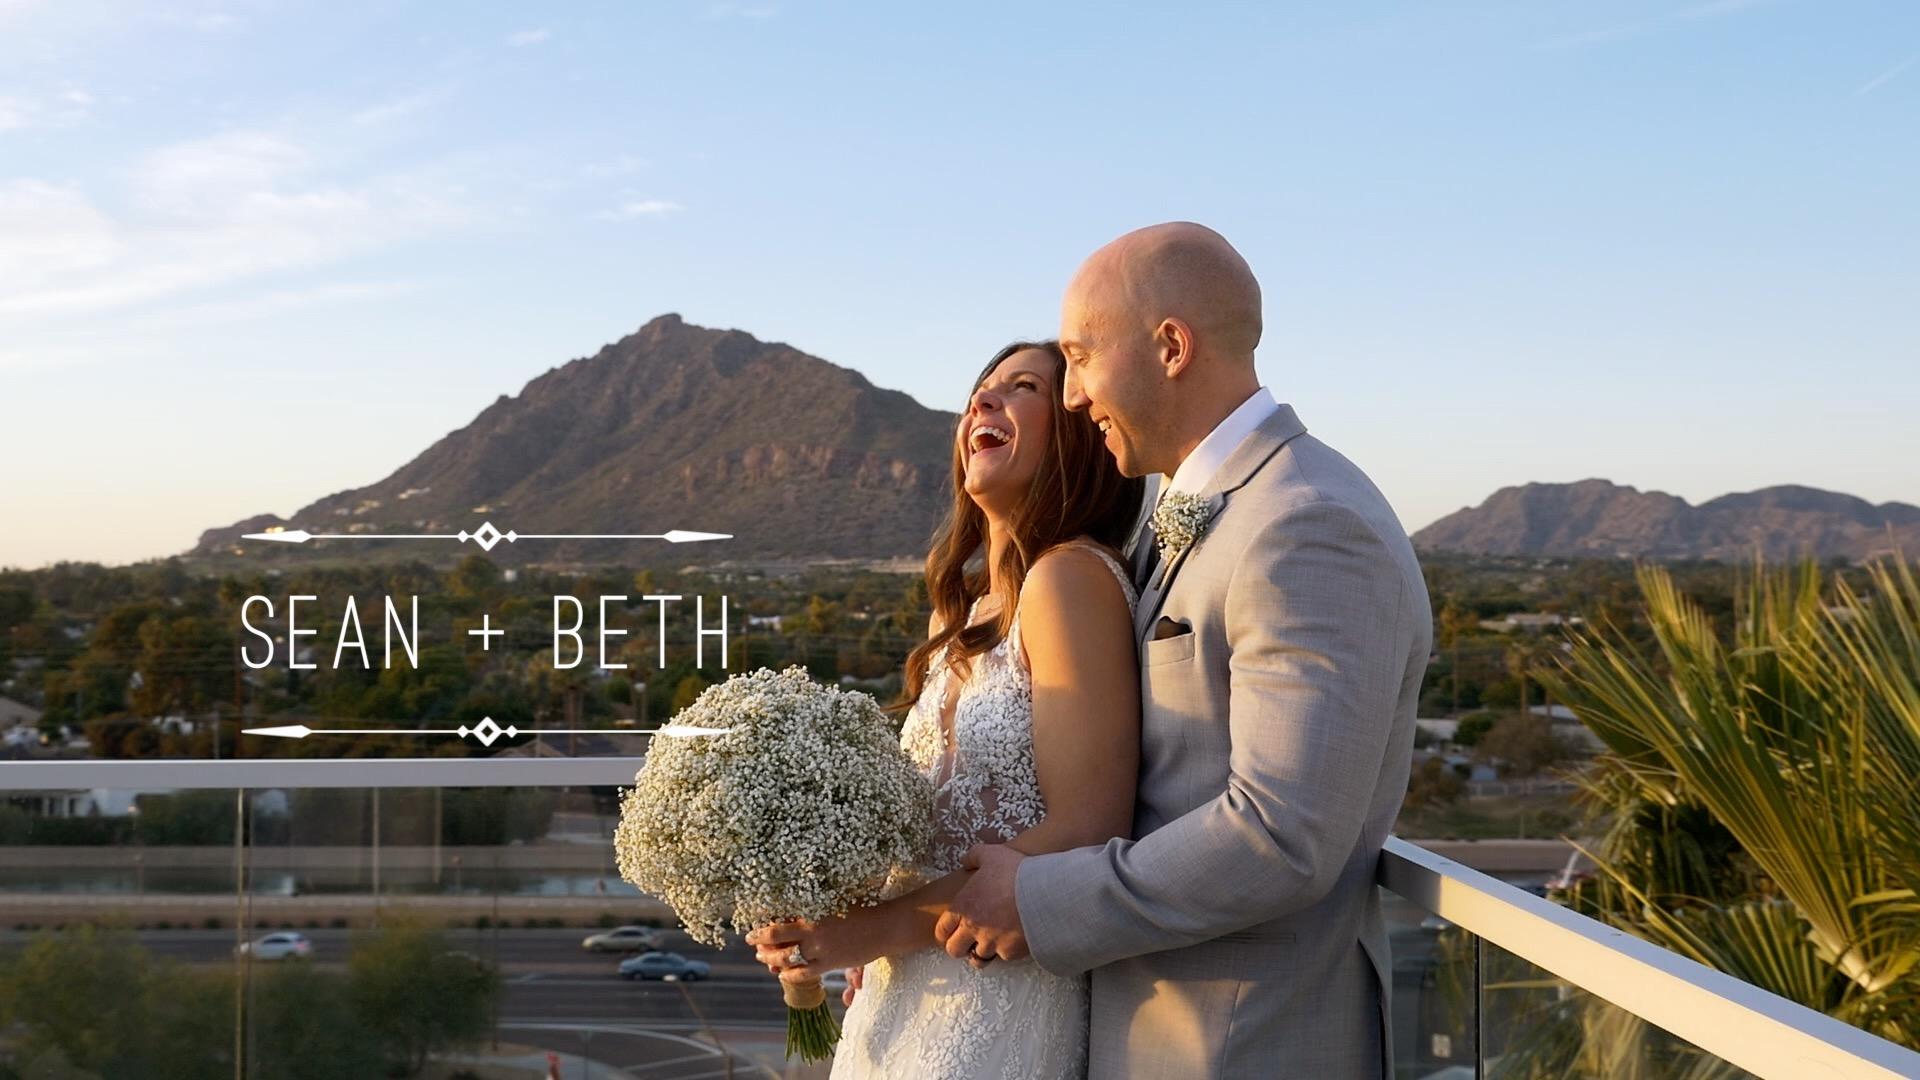 Sean  + Beth  | Scottsdale, Arizona | Hotel Valley Ho